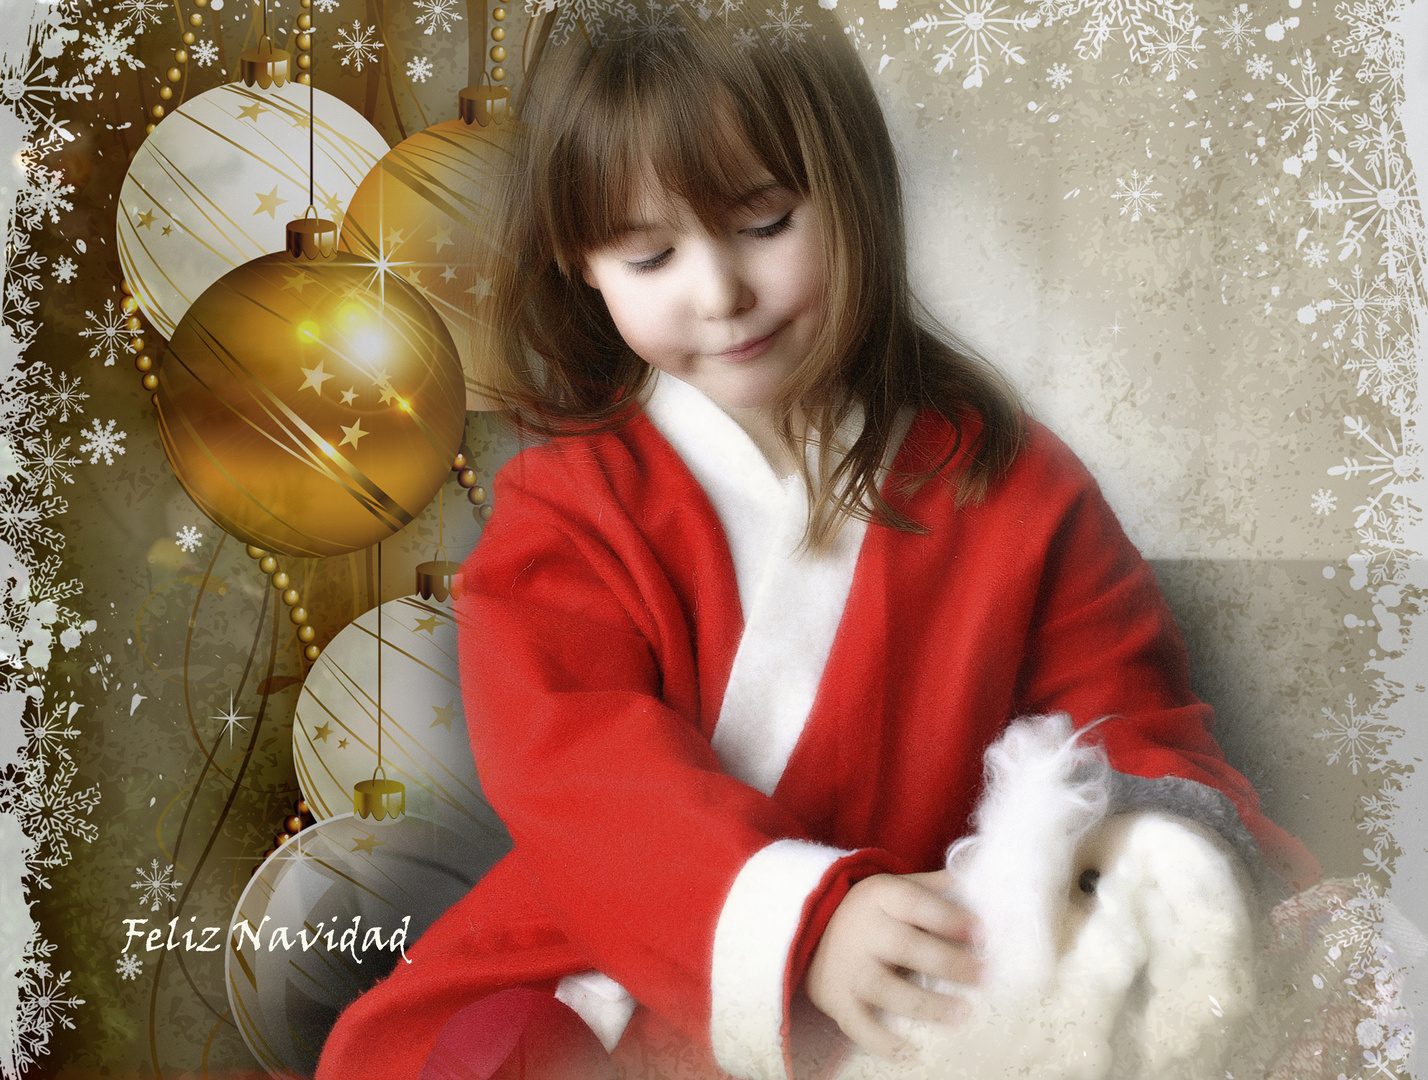 Feliz Navidad a todos